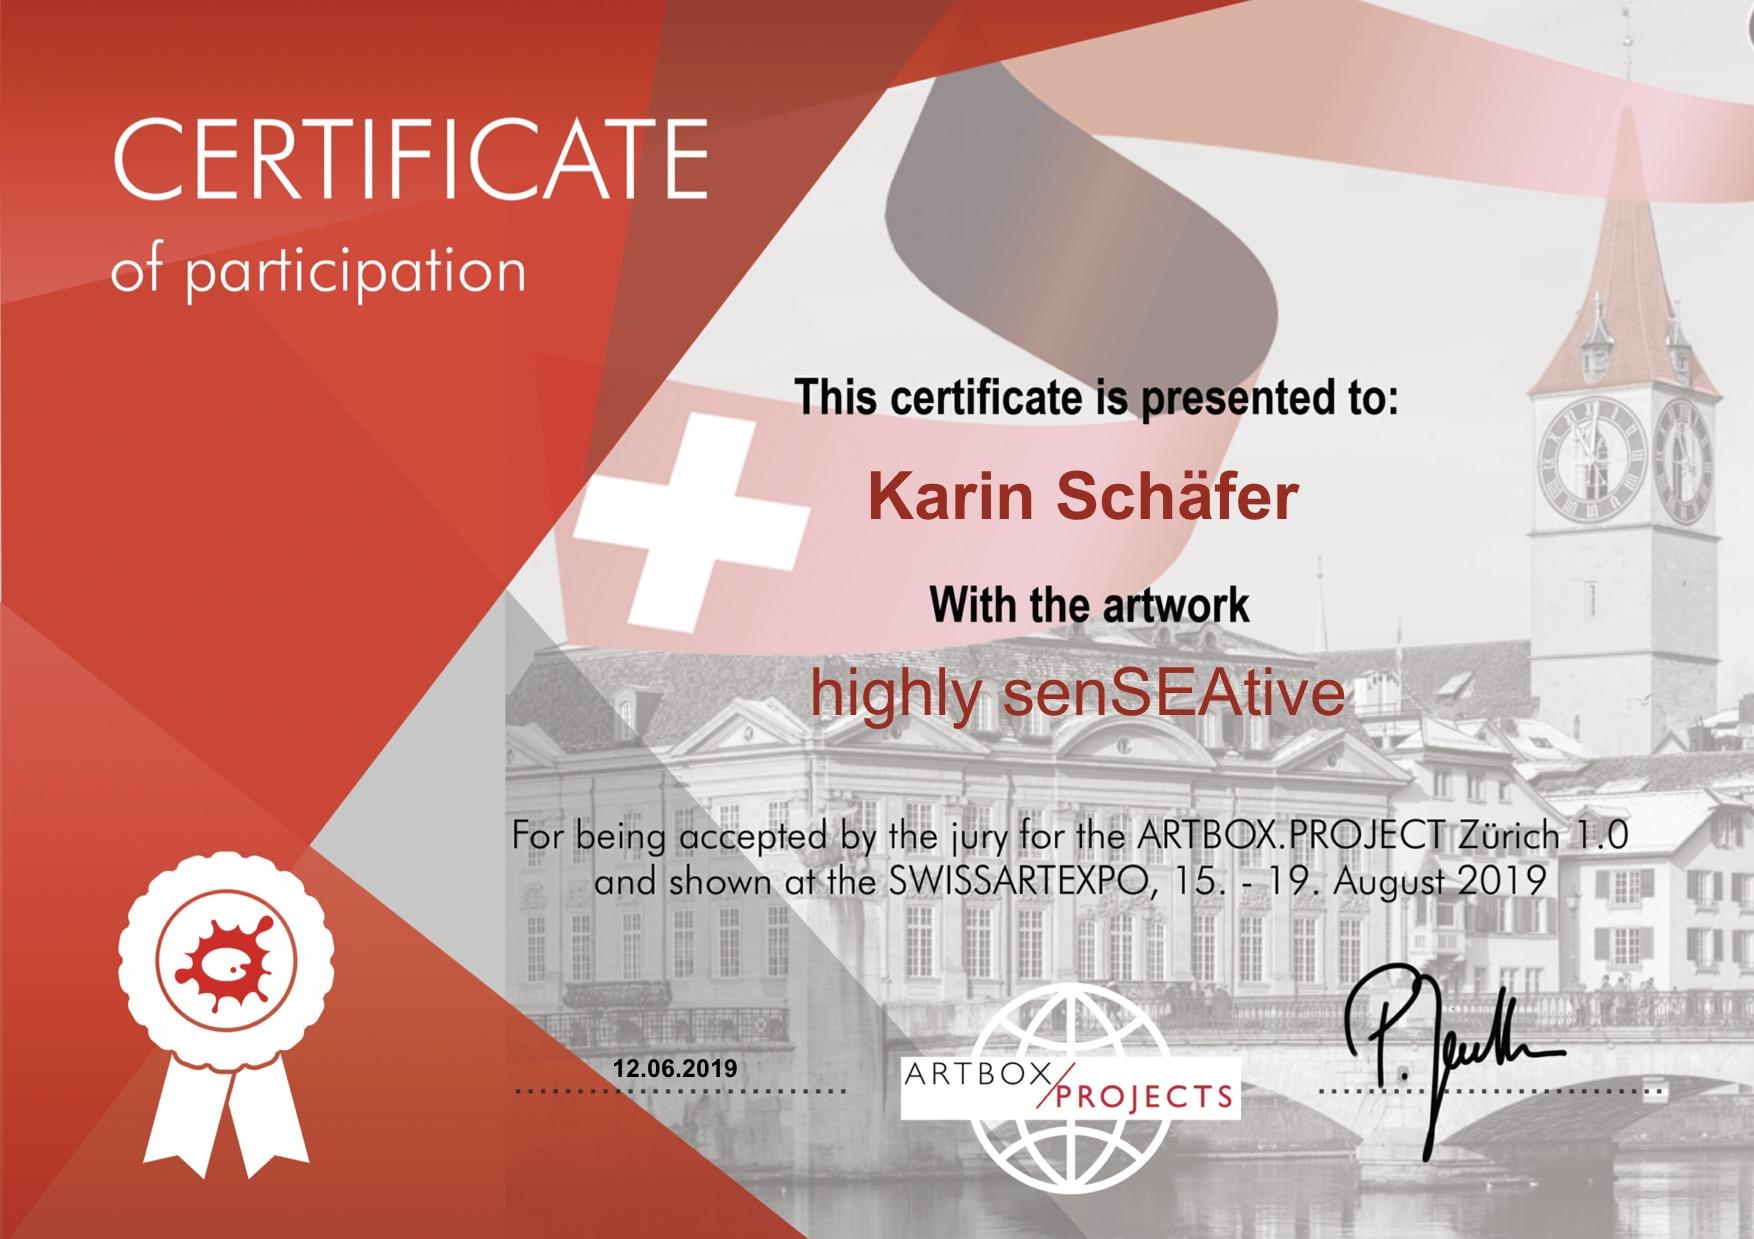 Schäfer-Karin-Karin Schäfer-highly senSEAtive--ZertifikatZuerich1.jpg